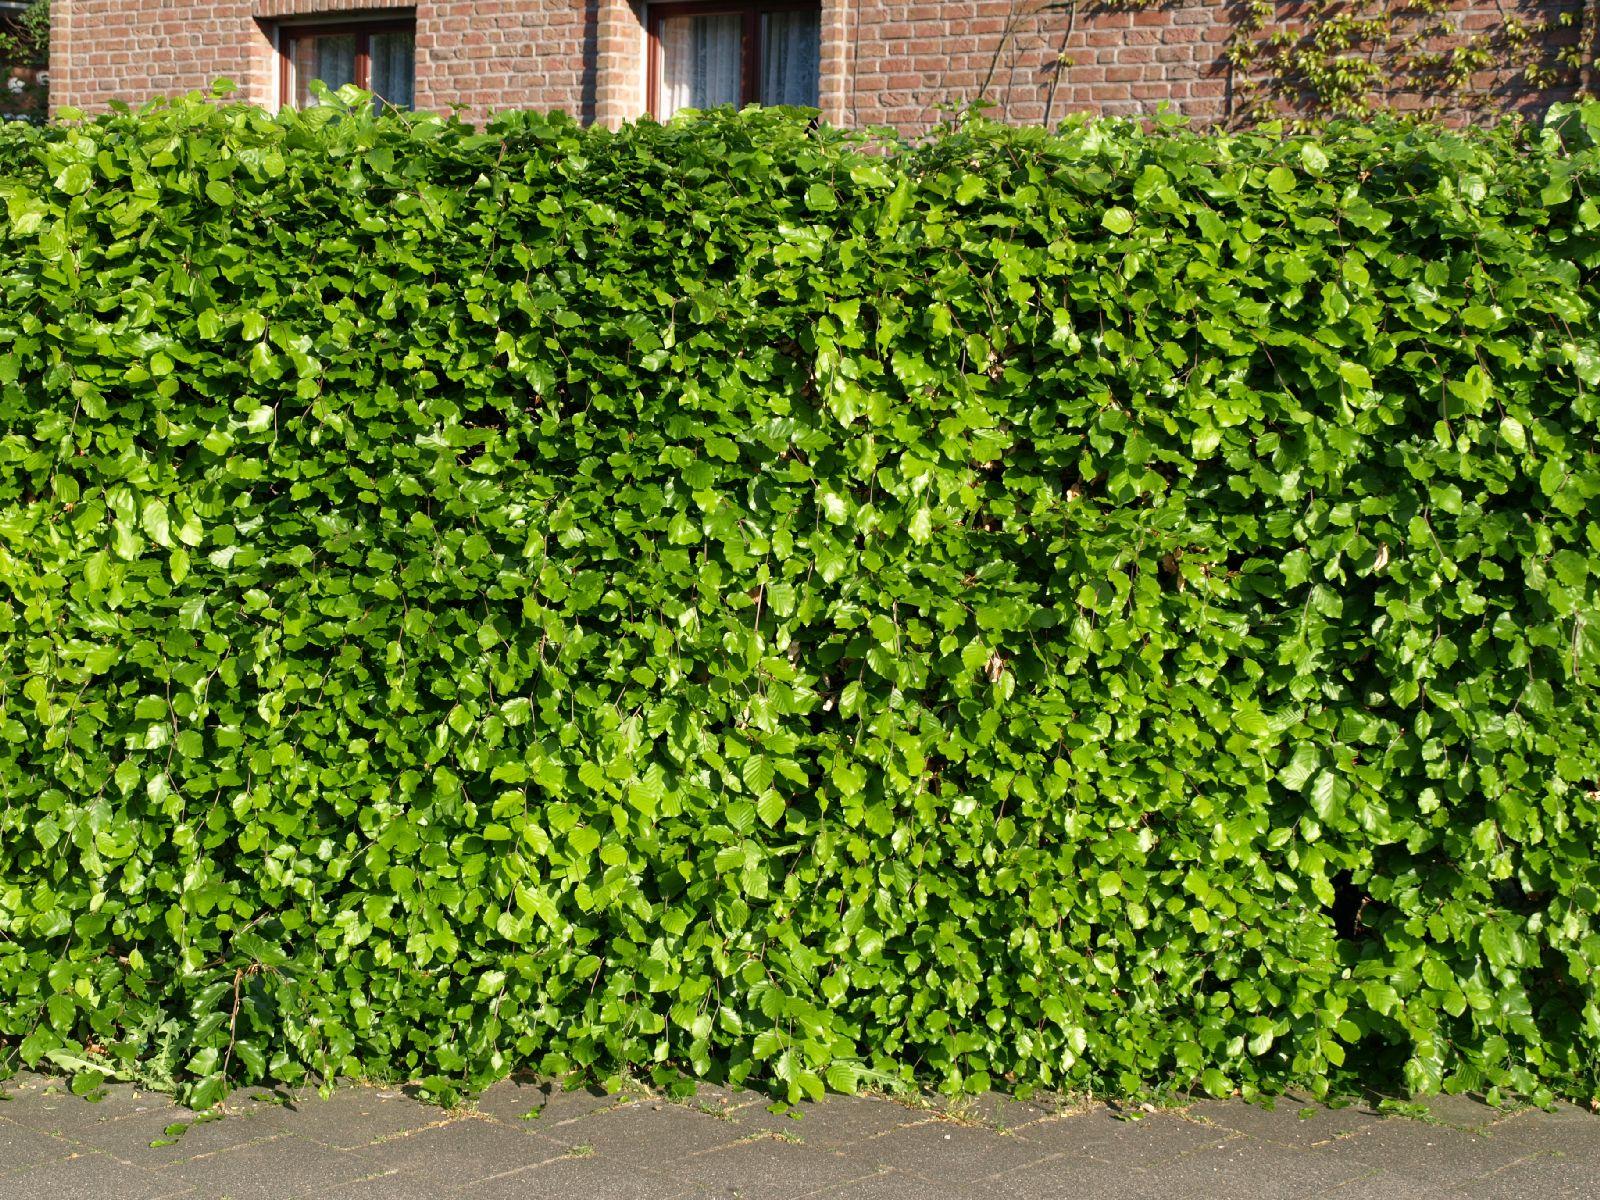 Pflanzen-Hecken-Foto_Textur_B_P5112647